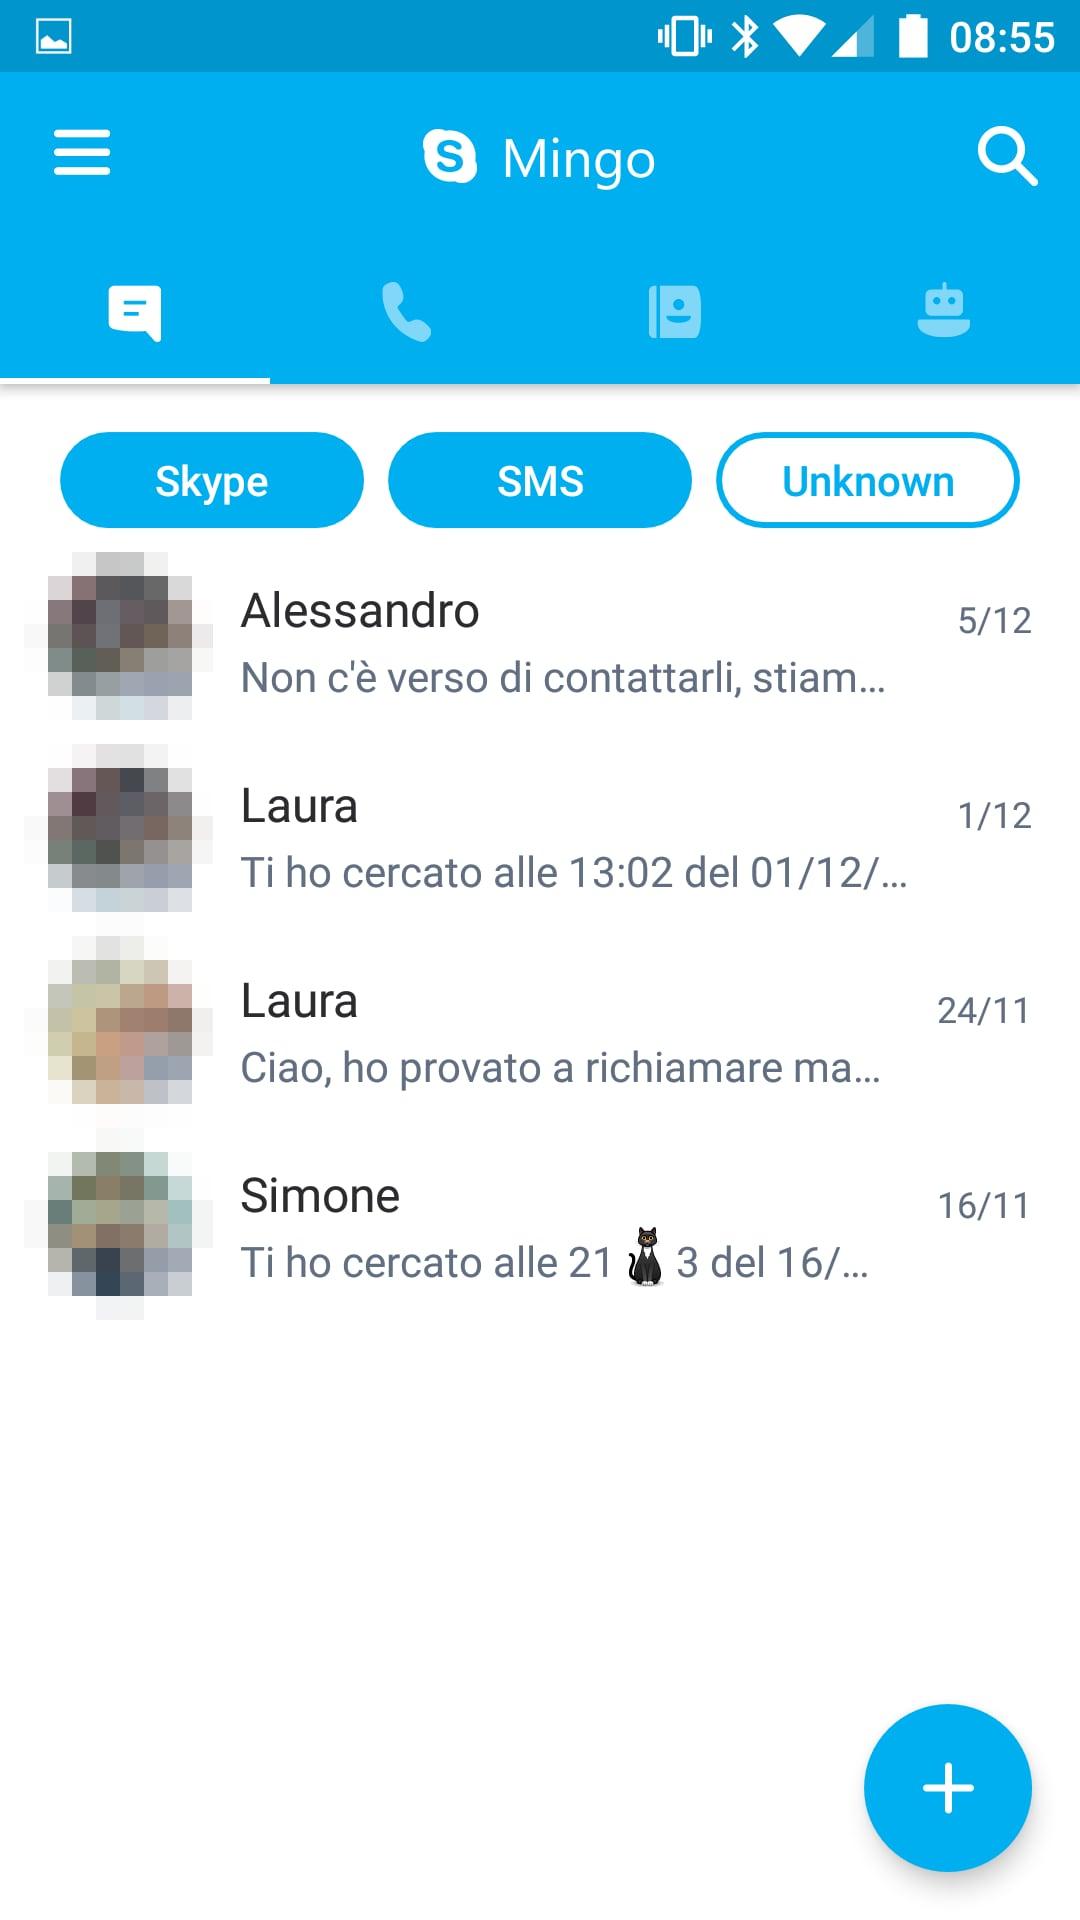 skype-mingo-1